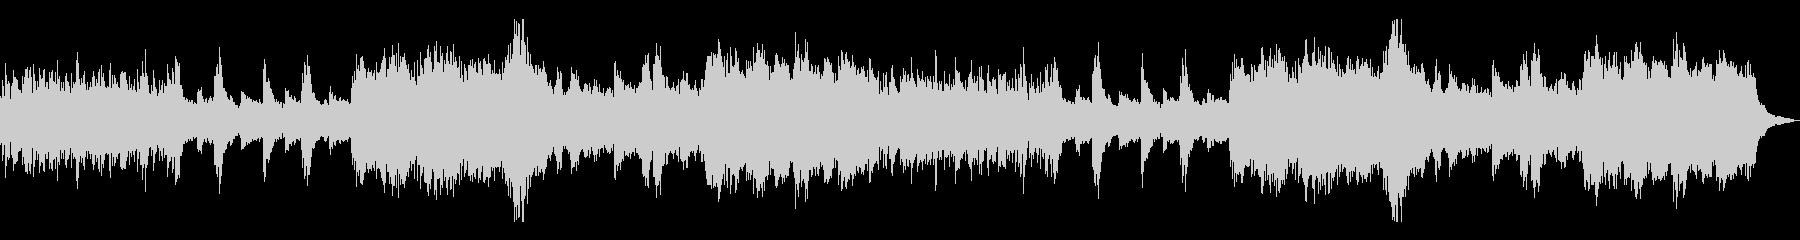 静かな緊迫/モダンな和風曲9B-ピアノ他の未再生の波形